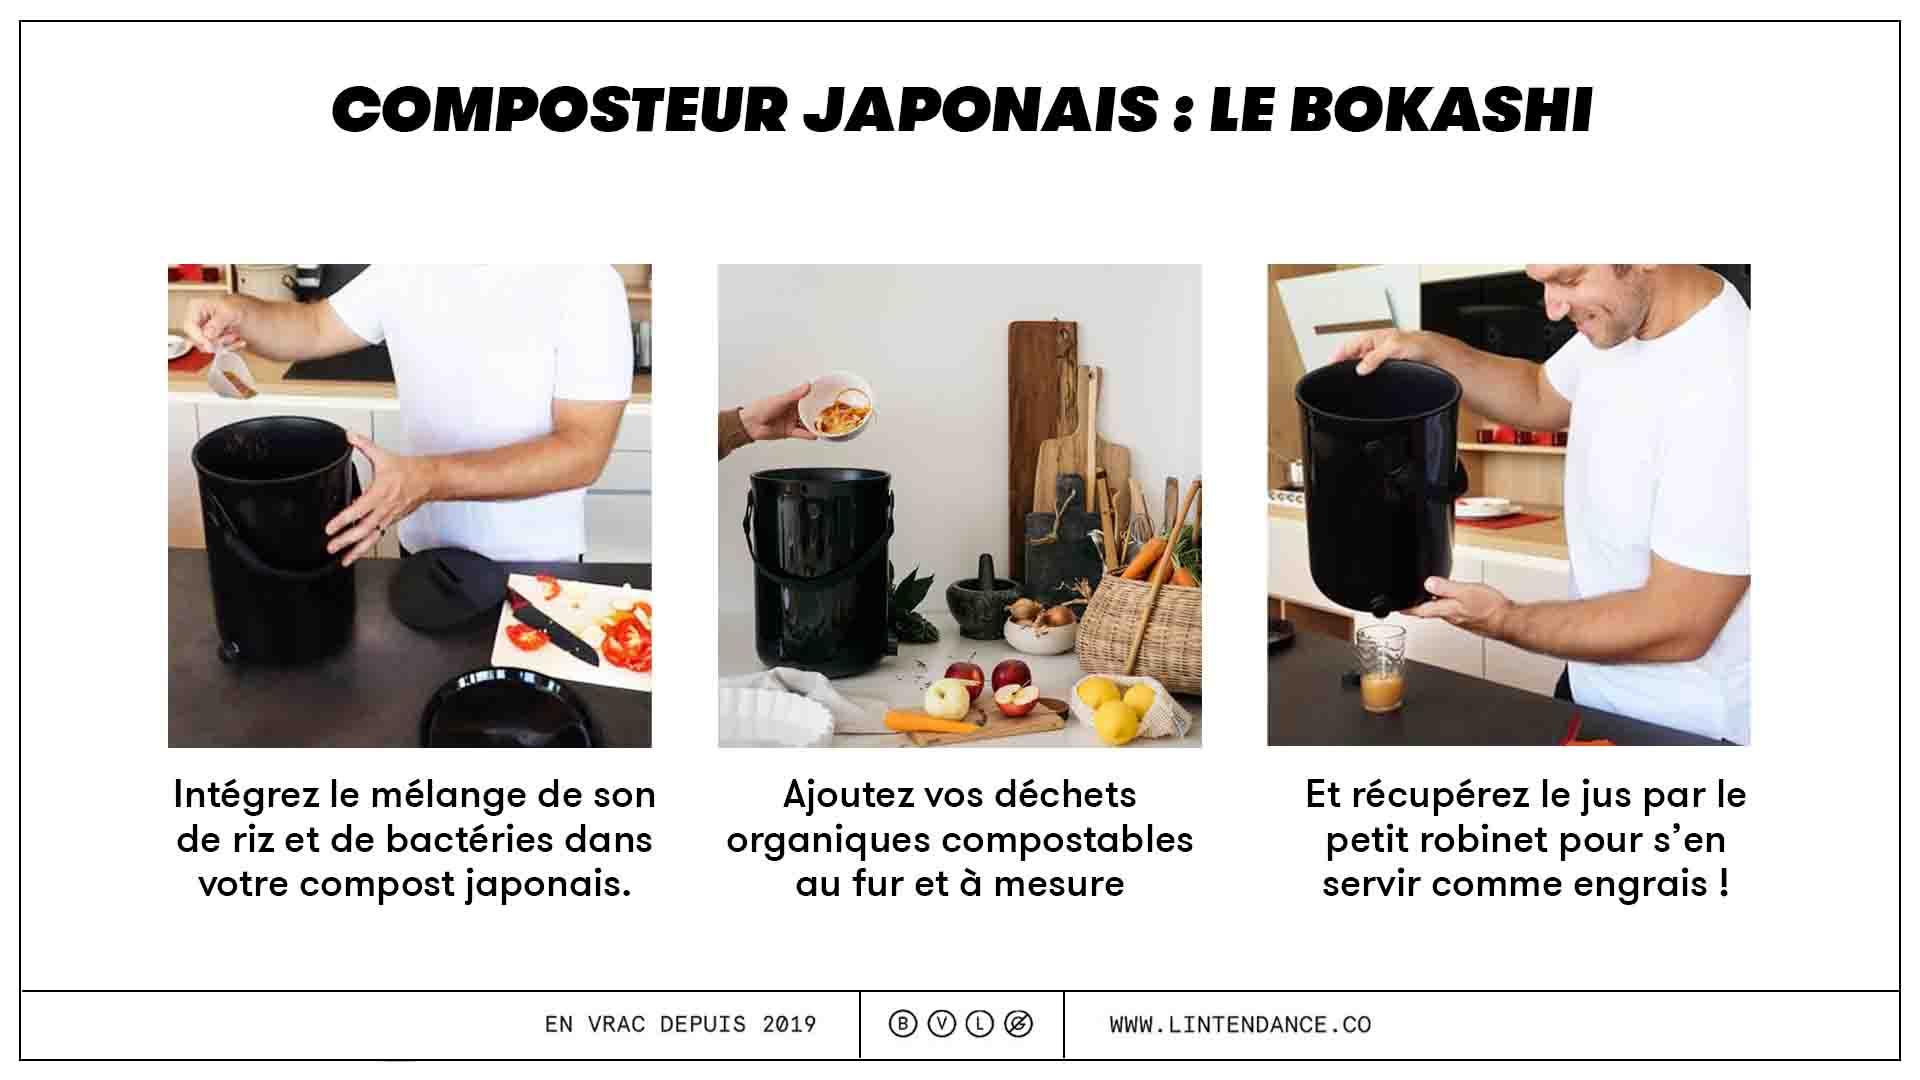 composteur japonais bokashi